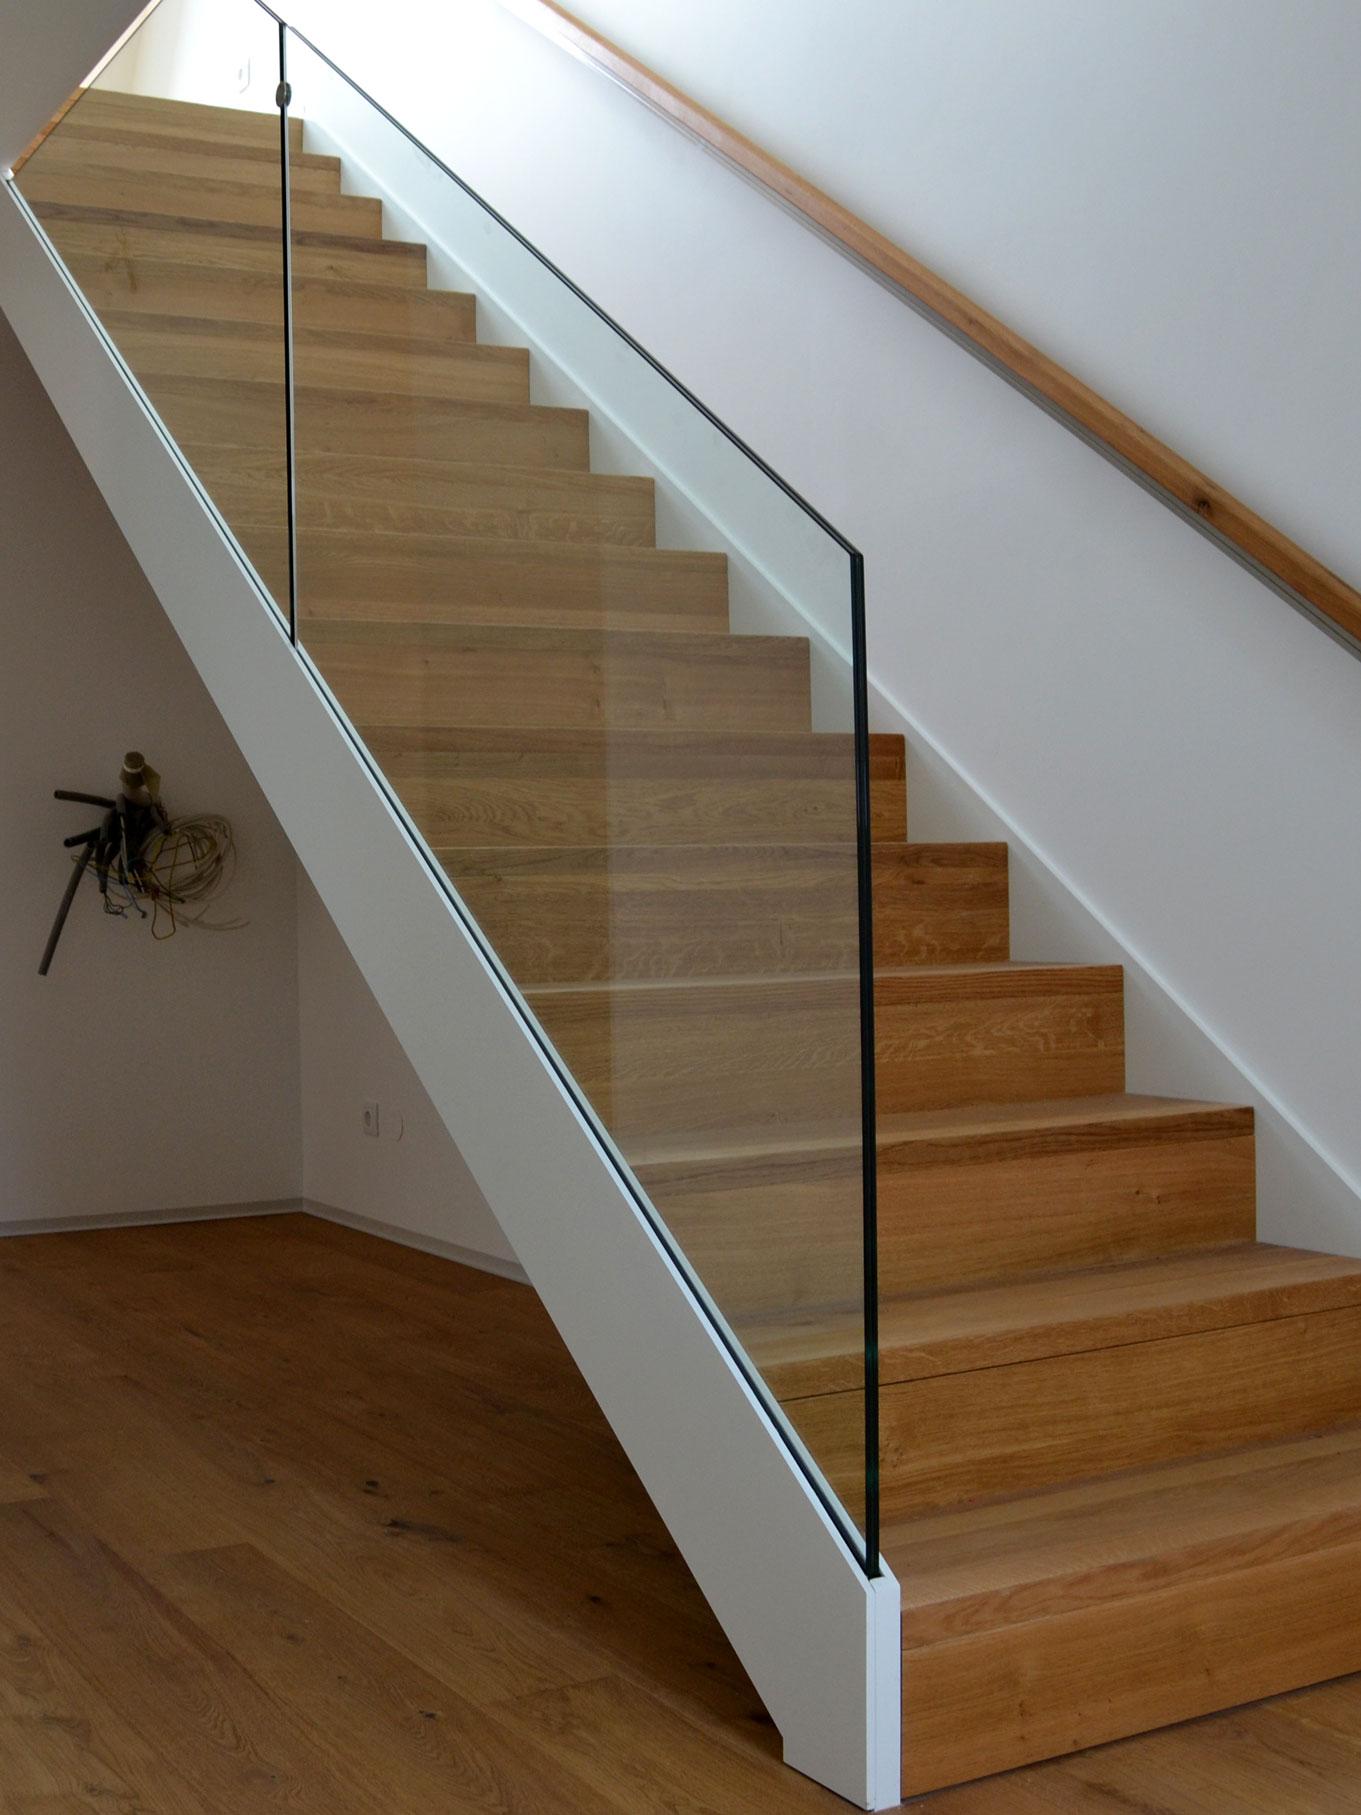 parkett abschleifen und versiegeln amazing einstab parkett verlegt geschliffen versiegelt with. Black Bedroom Furniture Sets. Home Design Ideas